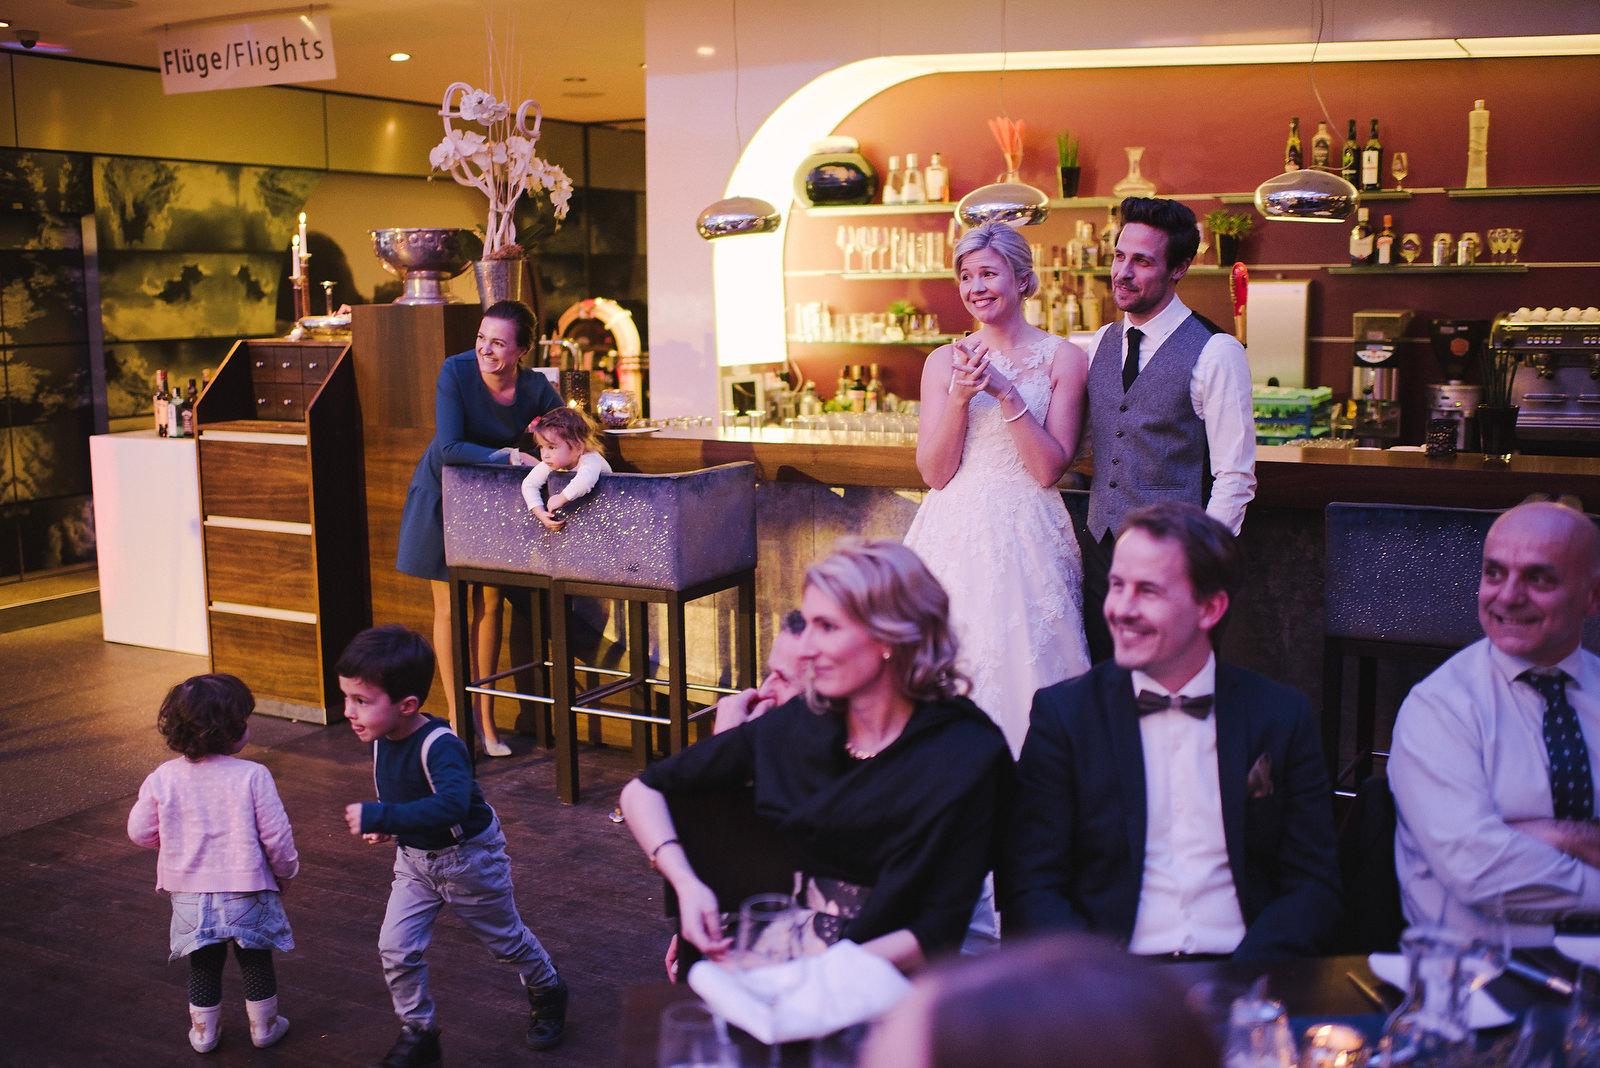 Fotograf Konstanz - Hochzeit Friedrichshafen Bodensee Hochzeitsfotograf EFP 56 - Silvester Hochzeit in Hagnau / Friedrichshafen am Bodensee  - 41 -